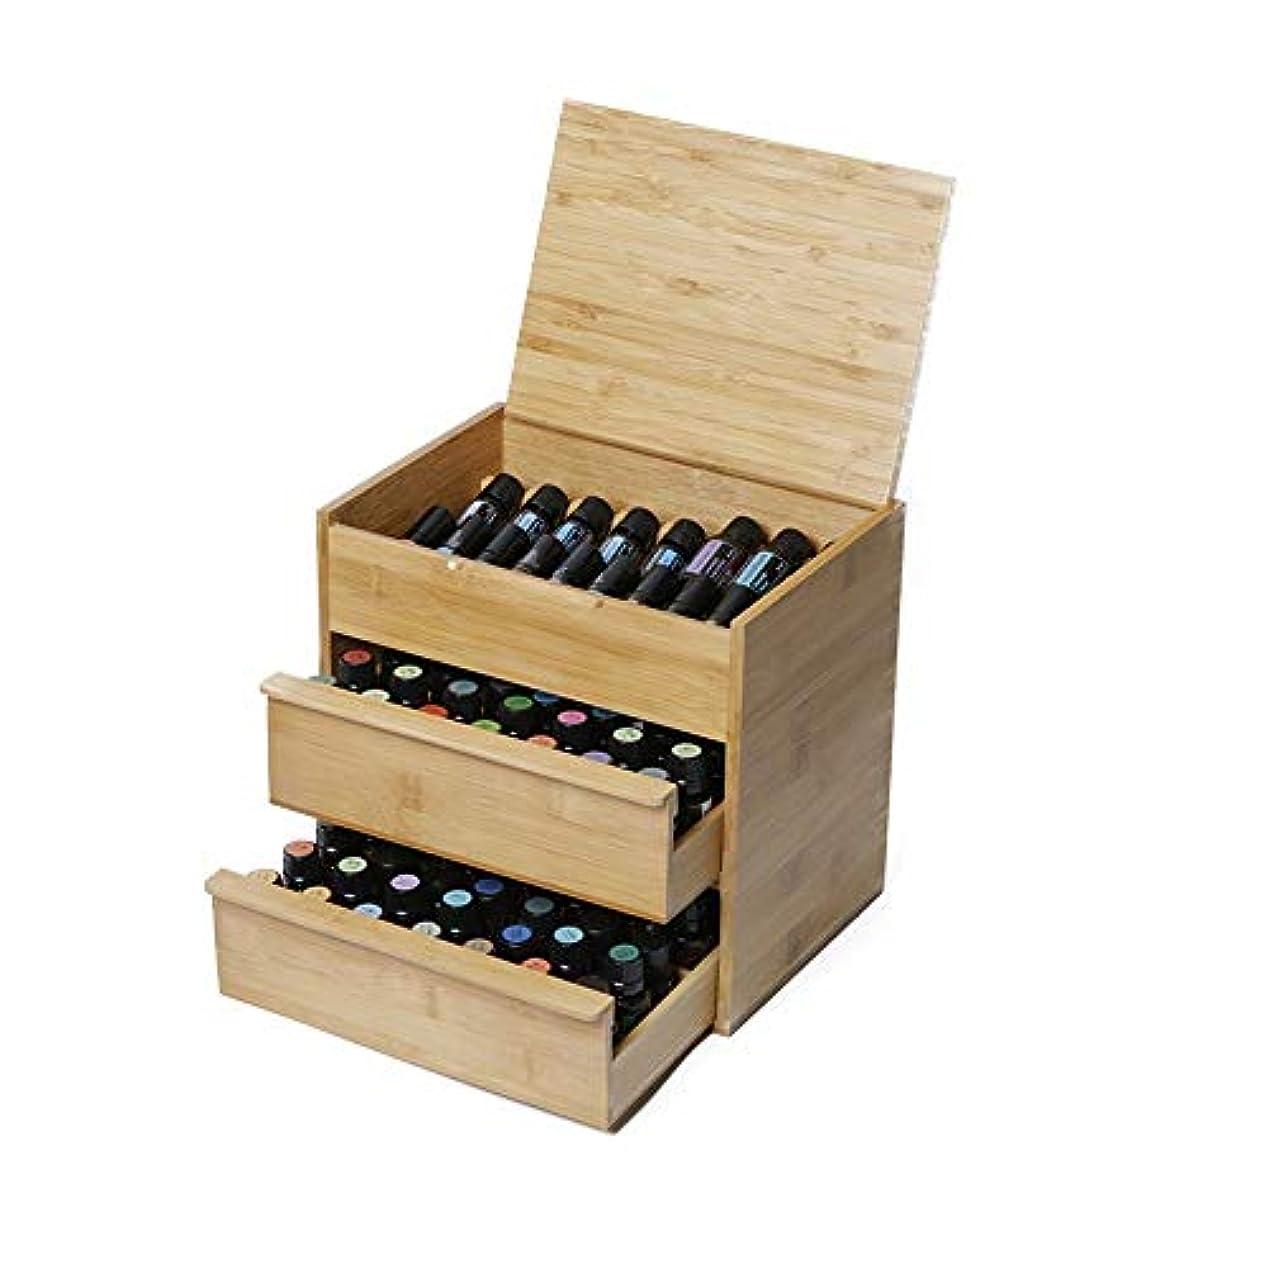 通信網赤字幽霊エッセンシャルオイルの保管 88スロット木エッセンシャルオイルボックス3ティアボード内部リムーバブルは15/10/5 M1のボトル天然竹を開催します (色 : Natural, サイズ : 26.5X24.5X19CM)